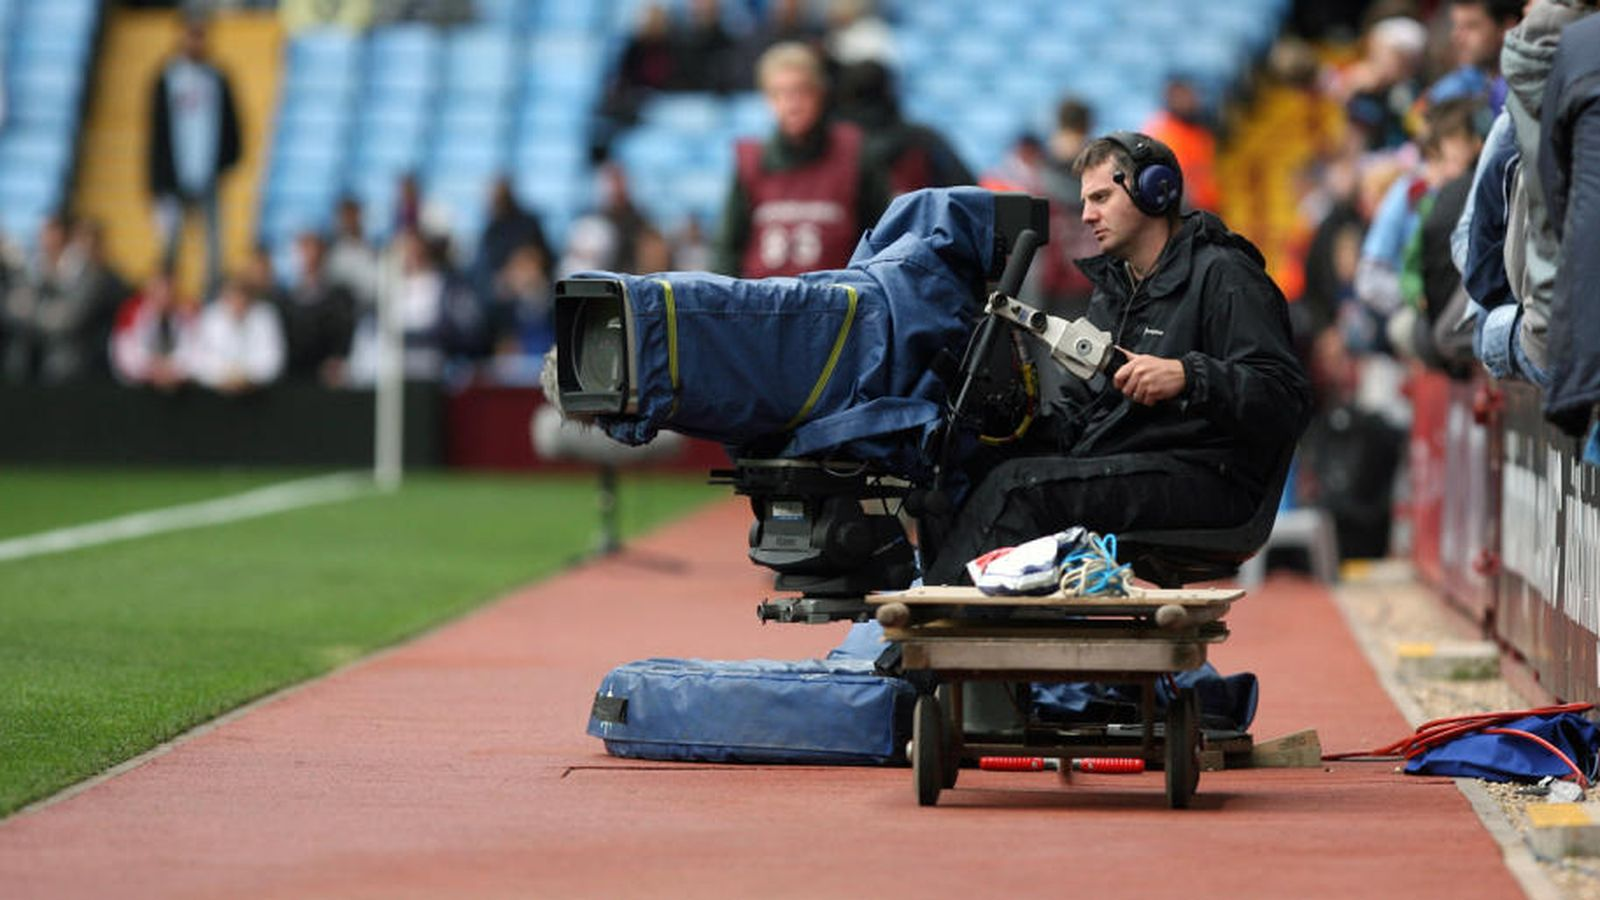 Foto: Un cámara de televisión, durante la retrasmisión de un partido de fútbol. (EFE)